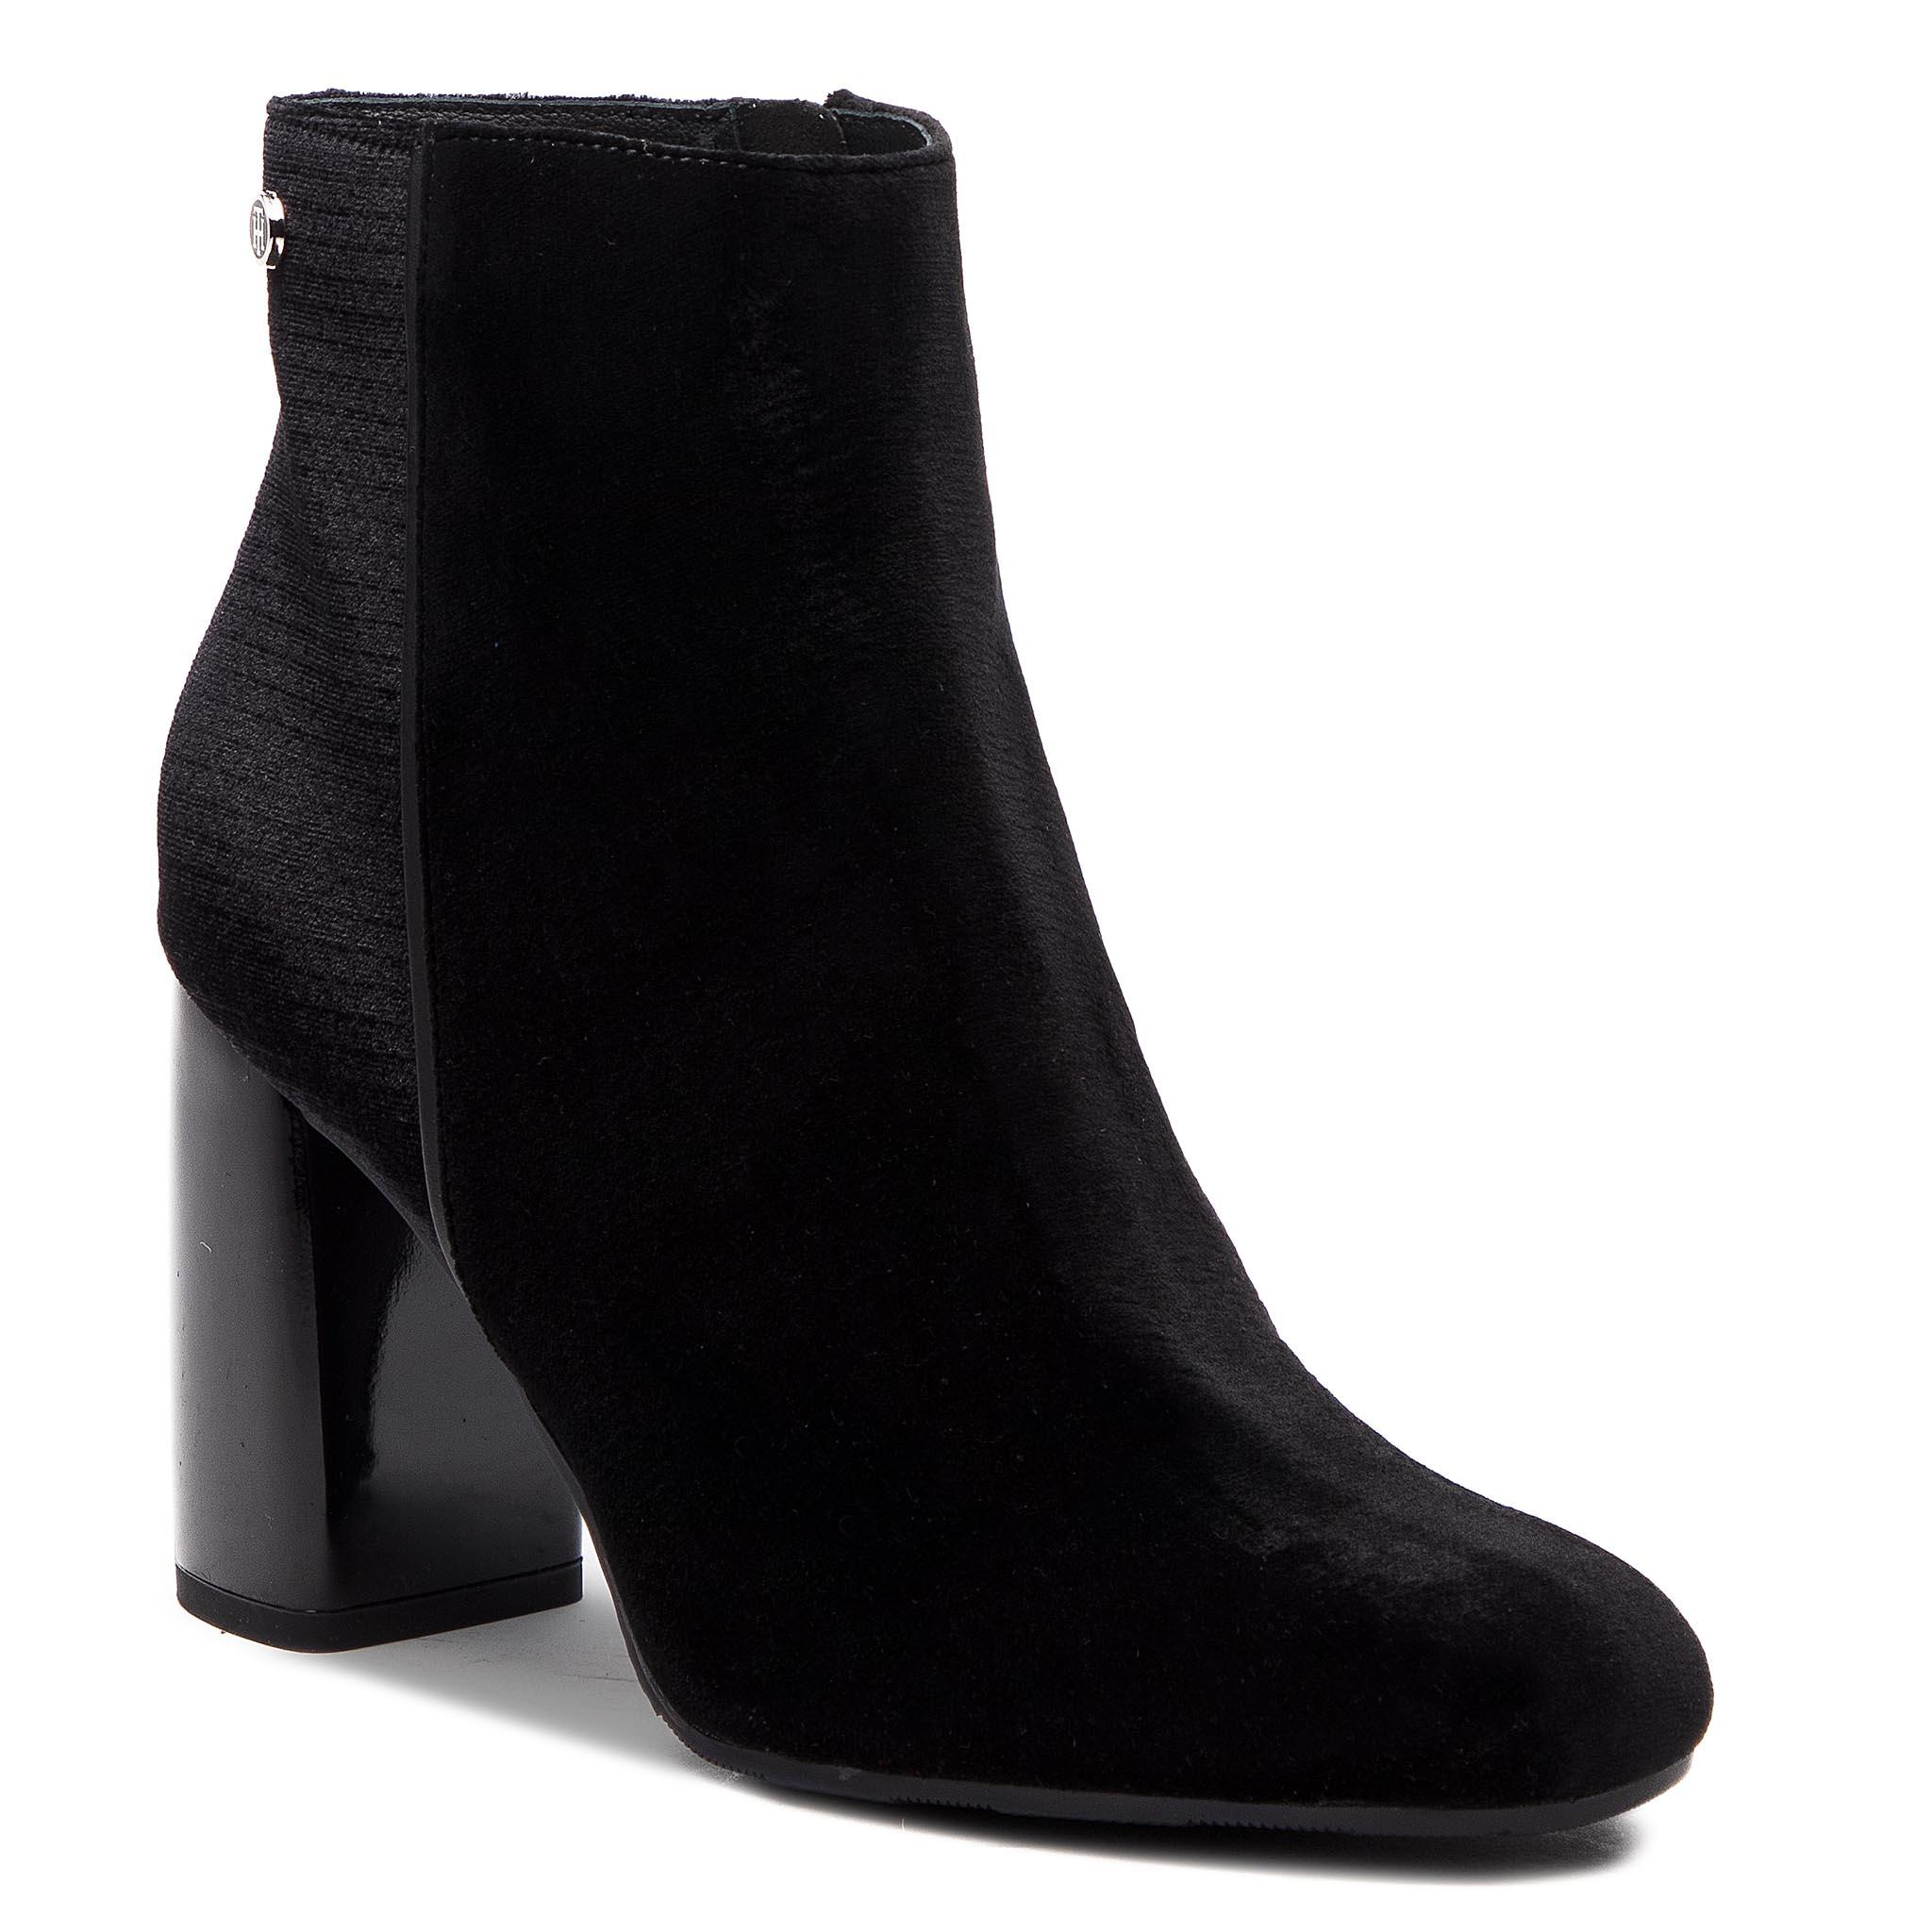 e61f28a8e1 Členková obuv TOMMY HILFIGER - Structured Velvet Bootie FW0FW03617 ...